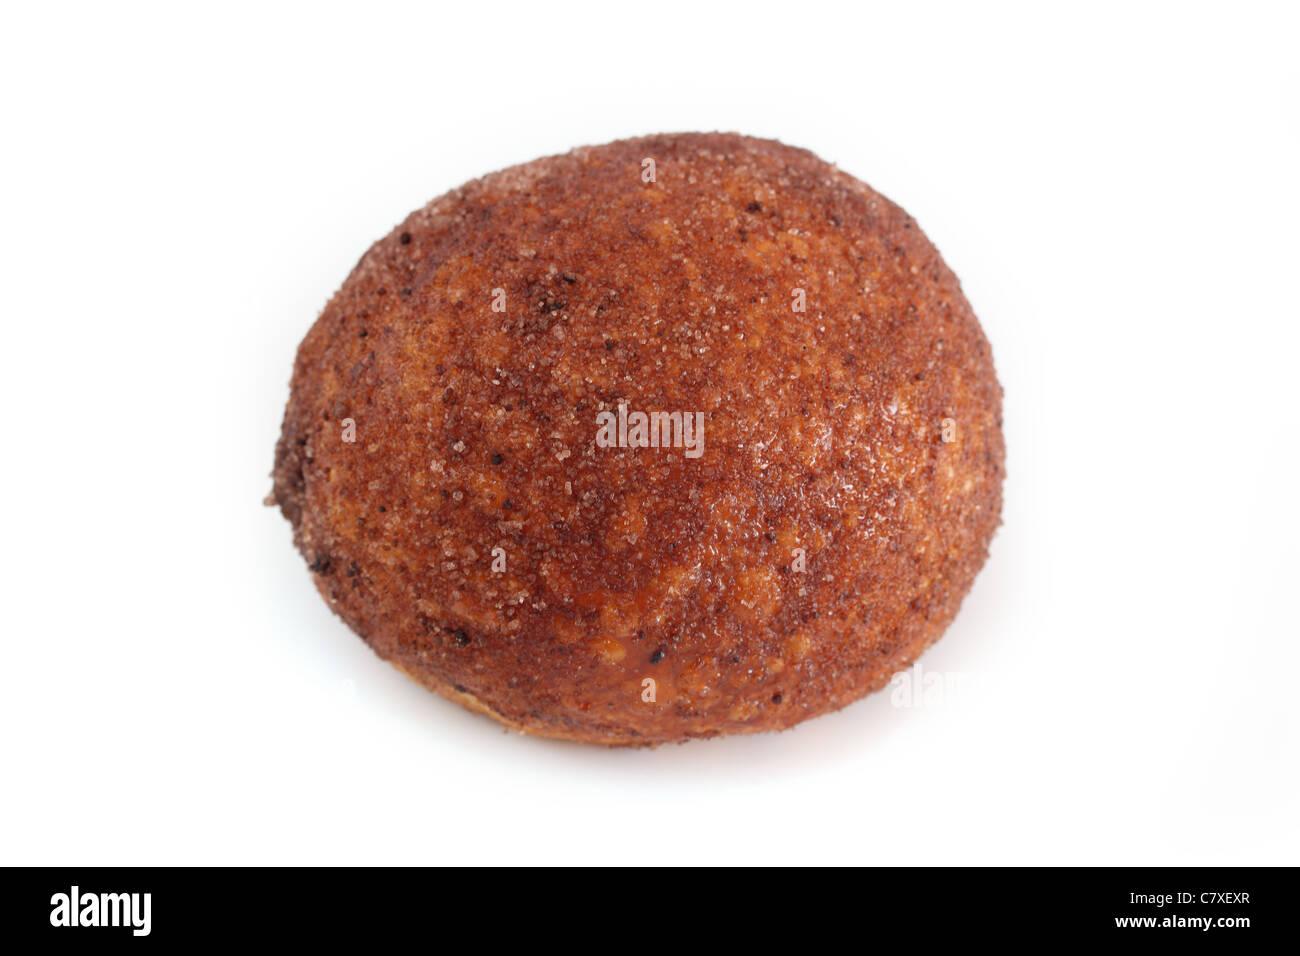 Briochette chocolat chocolate brioche - Stock Image